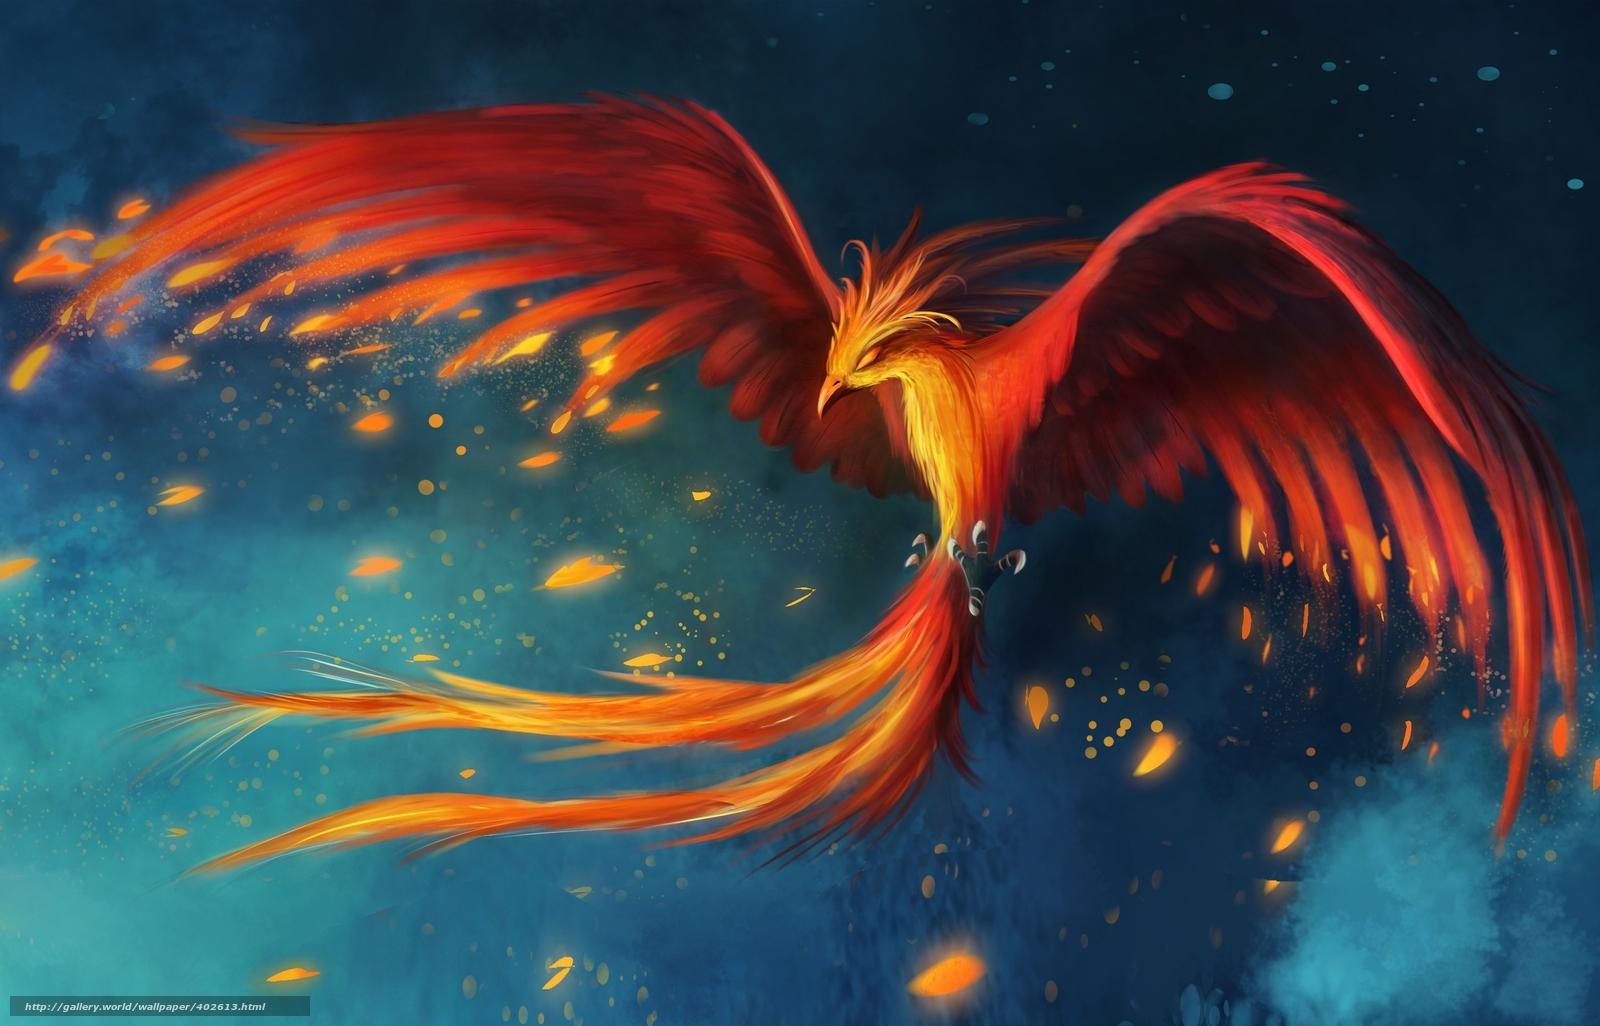 приятный подарок, феникс летит картинка затих